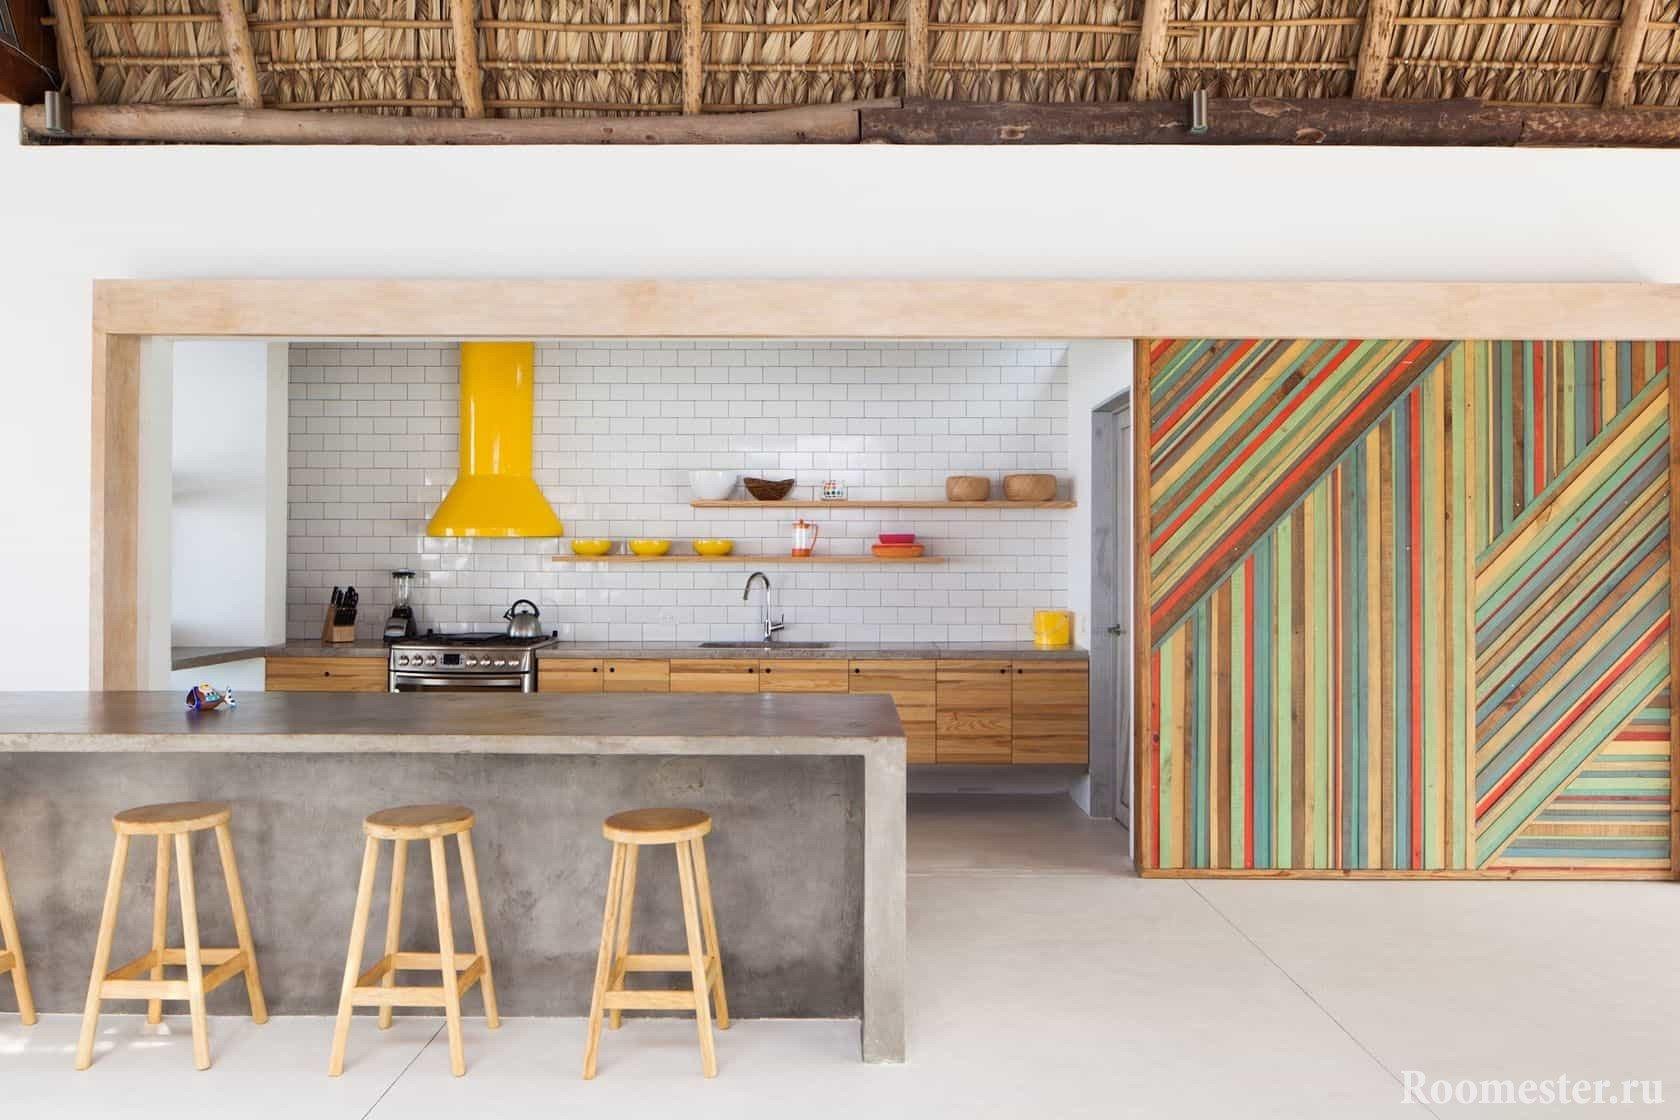 Светлая и яркая кухня в загородном доме с барными стульями у стола